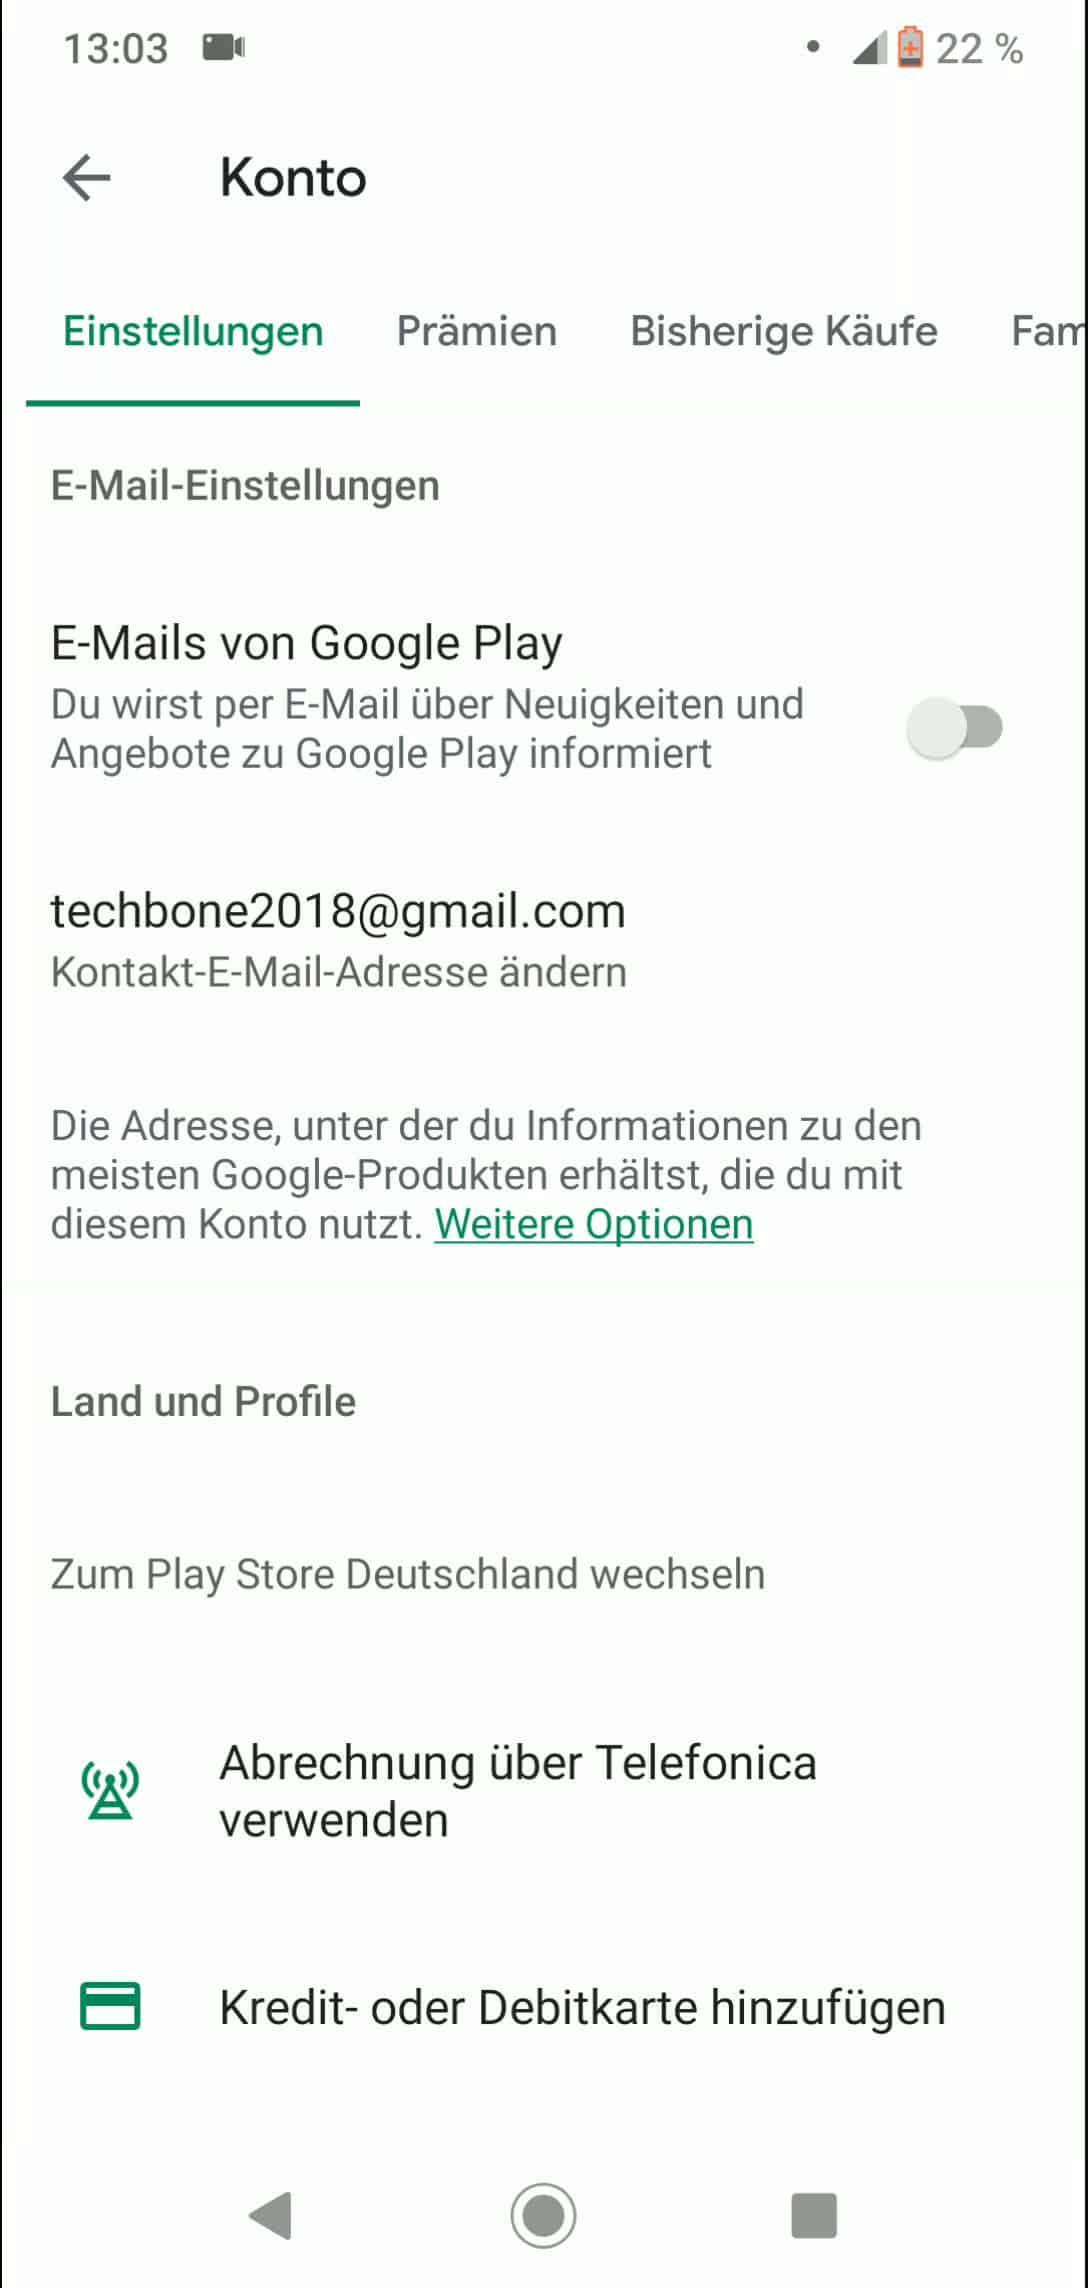 Schritt 3: Aktiviere oder deaktiviere E-Mails von Google Play